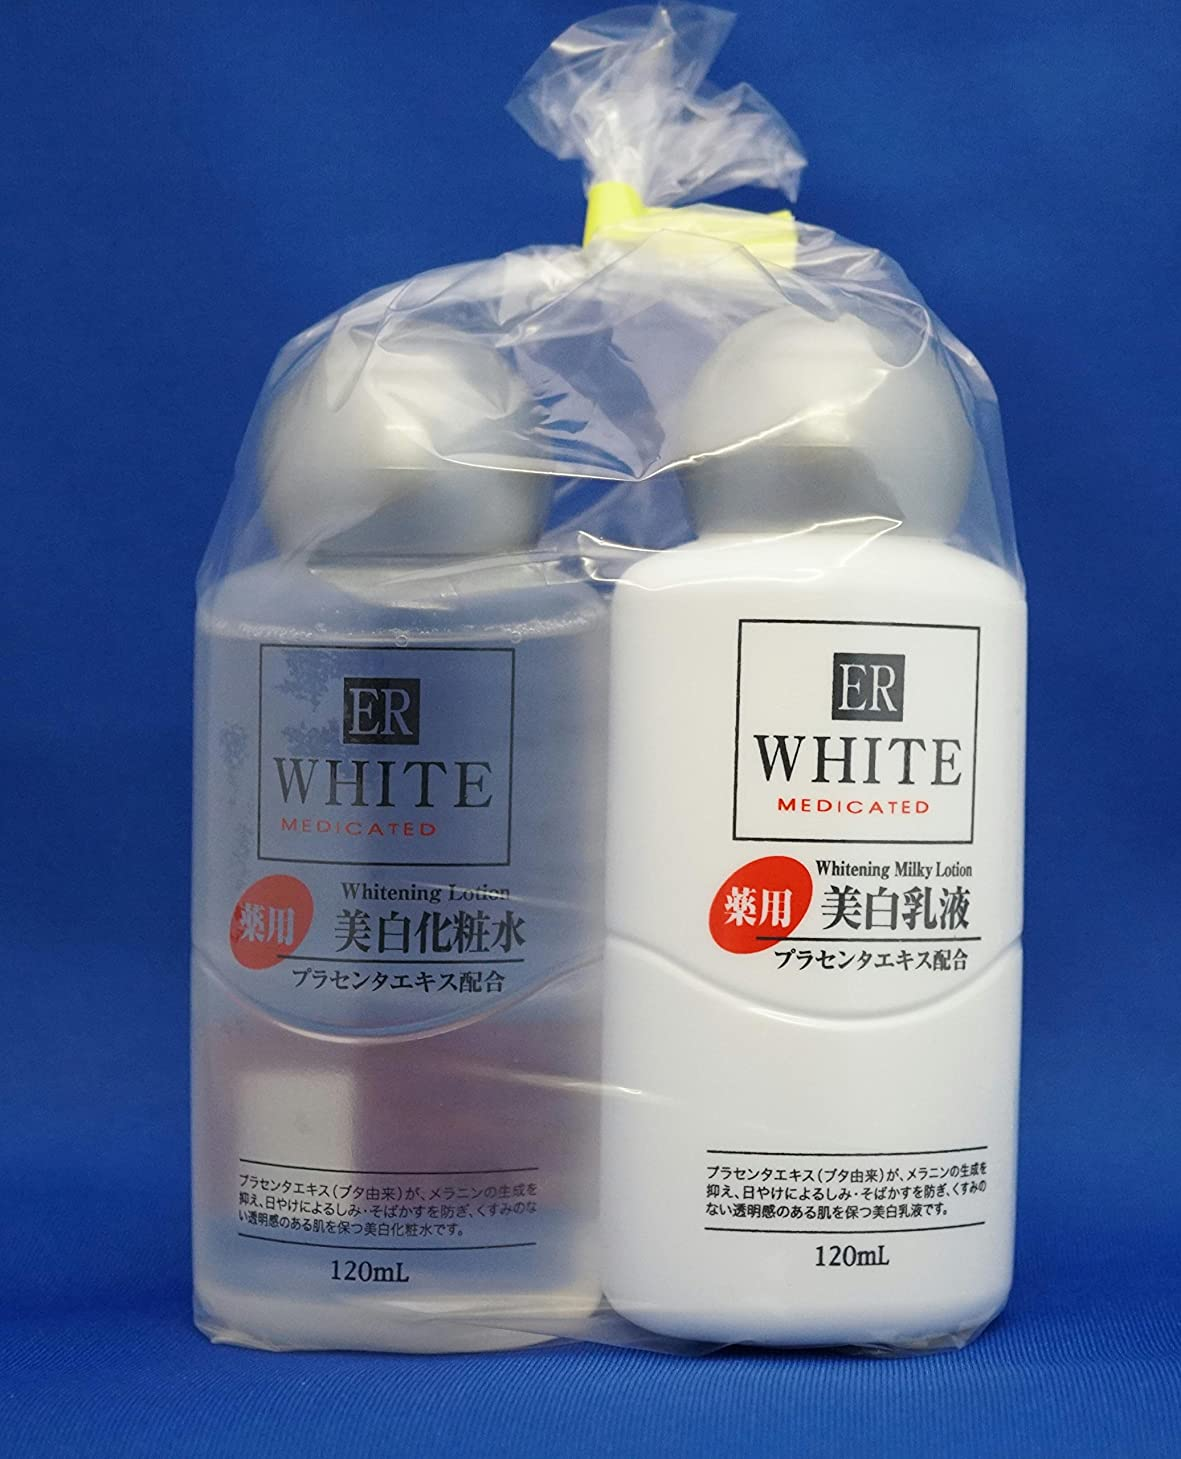 ルビージョットディボンドンうぬぼれた2個セット ダイソー ER コスモ ホワイトニング ミルクV(薬用美白乳液) と ER ホワイトニングローションV(薬用美白化粧水)